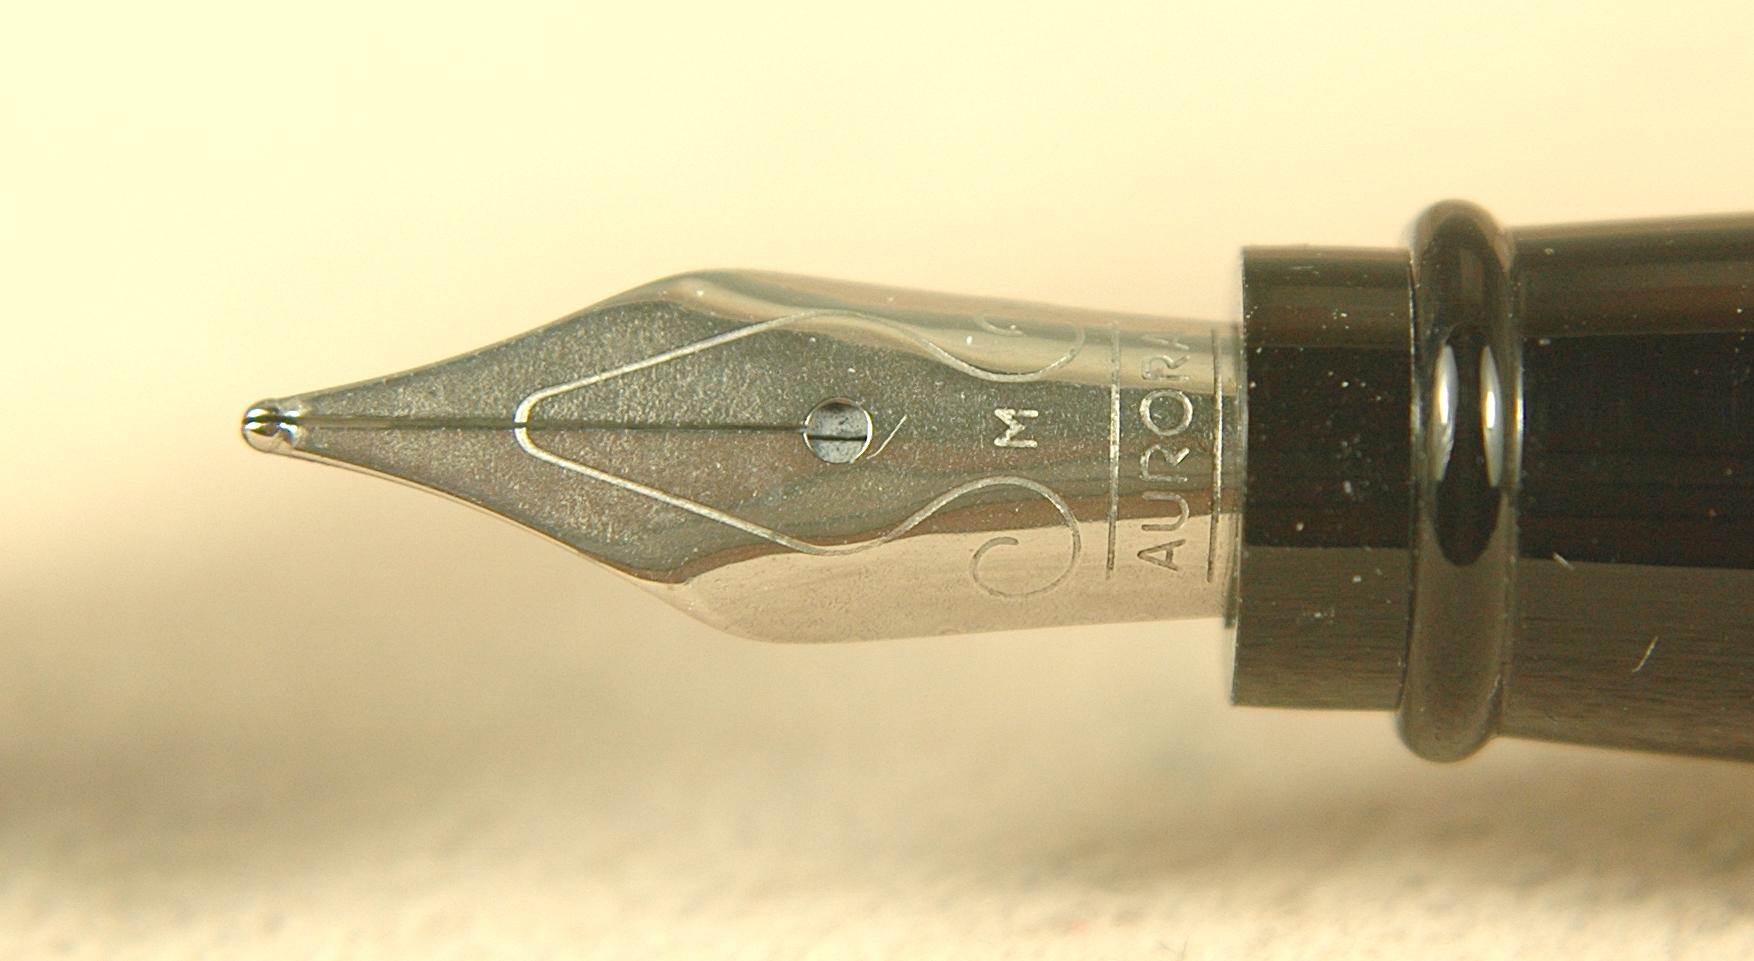 Pre-Owned Pens: 2398: Aurora: Ipsilon